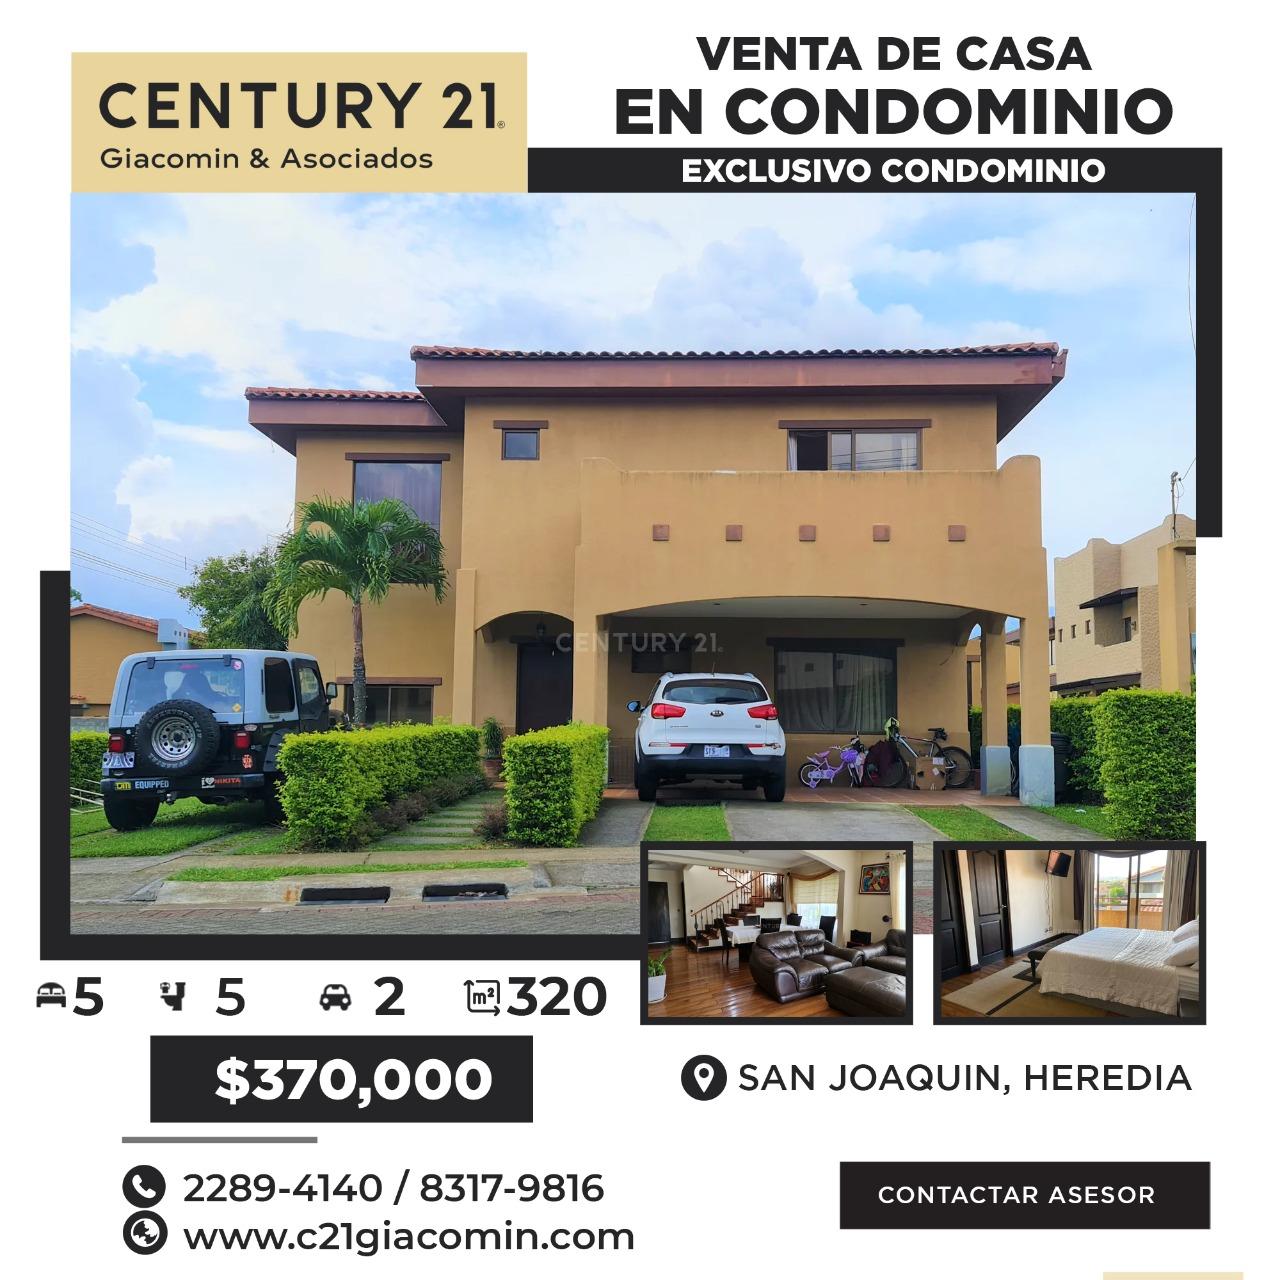 VENTA DE CASA EN EXCLUSIVO CONDOMINIO EN SAN JOAQUIN DE HEREDIA